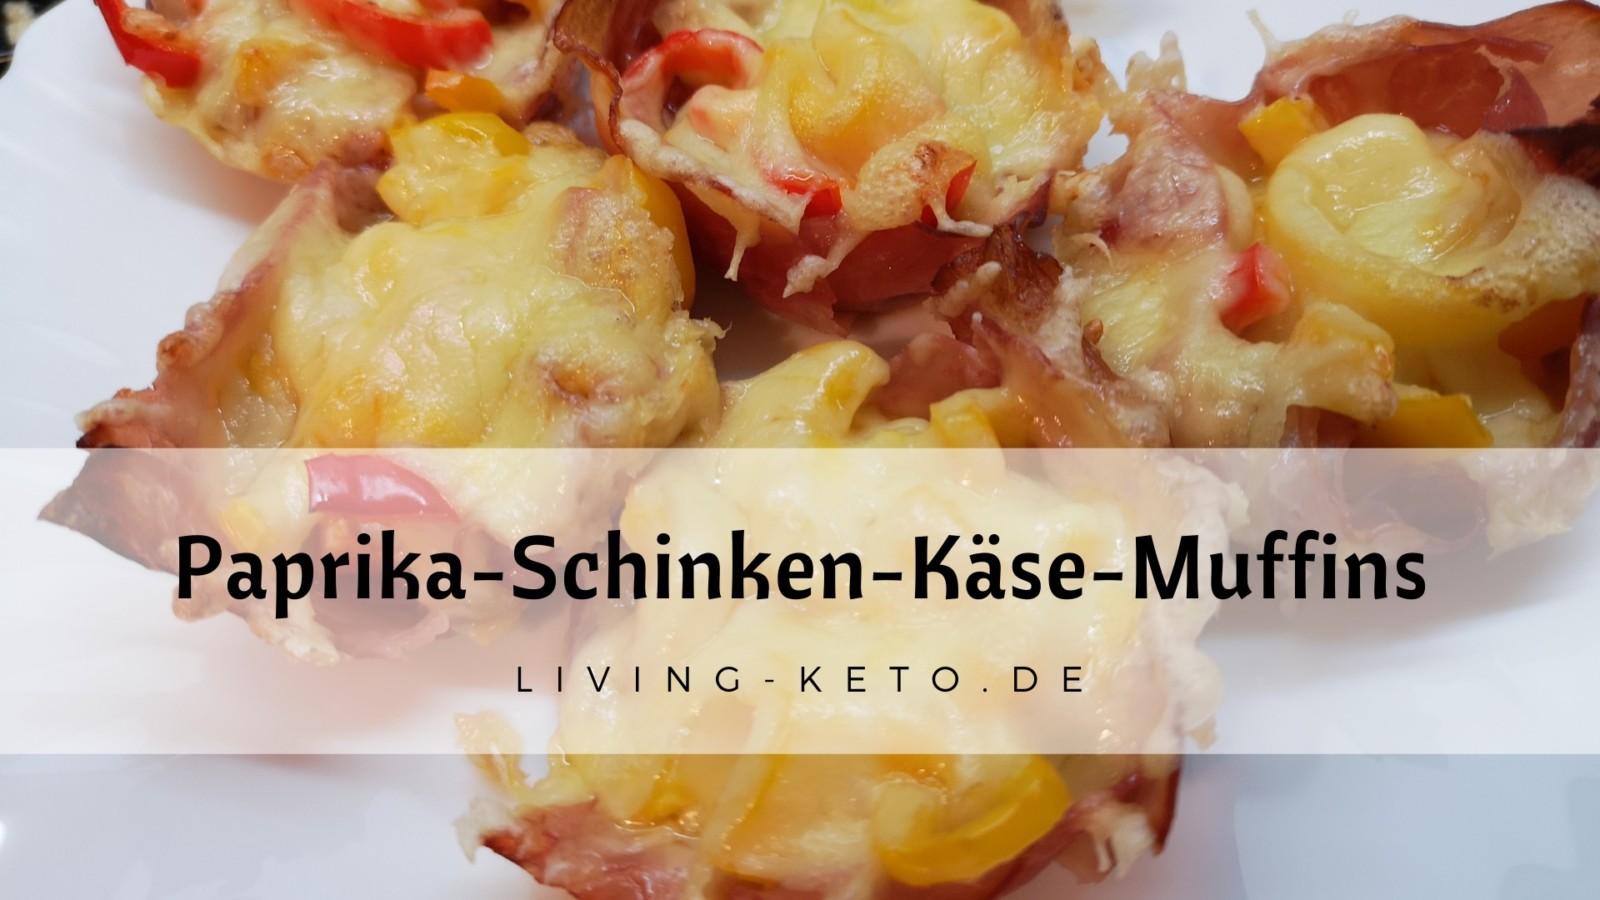 Paprika-Schinken-Käse-Muffins – ein kleiner Keto-Snack